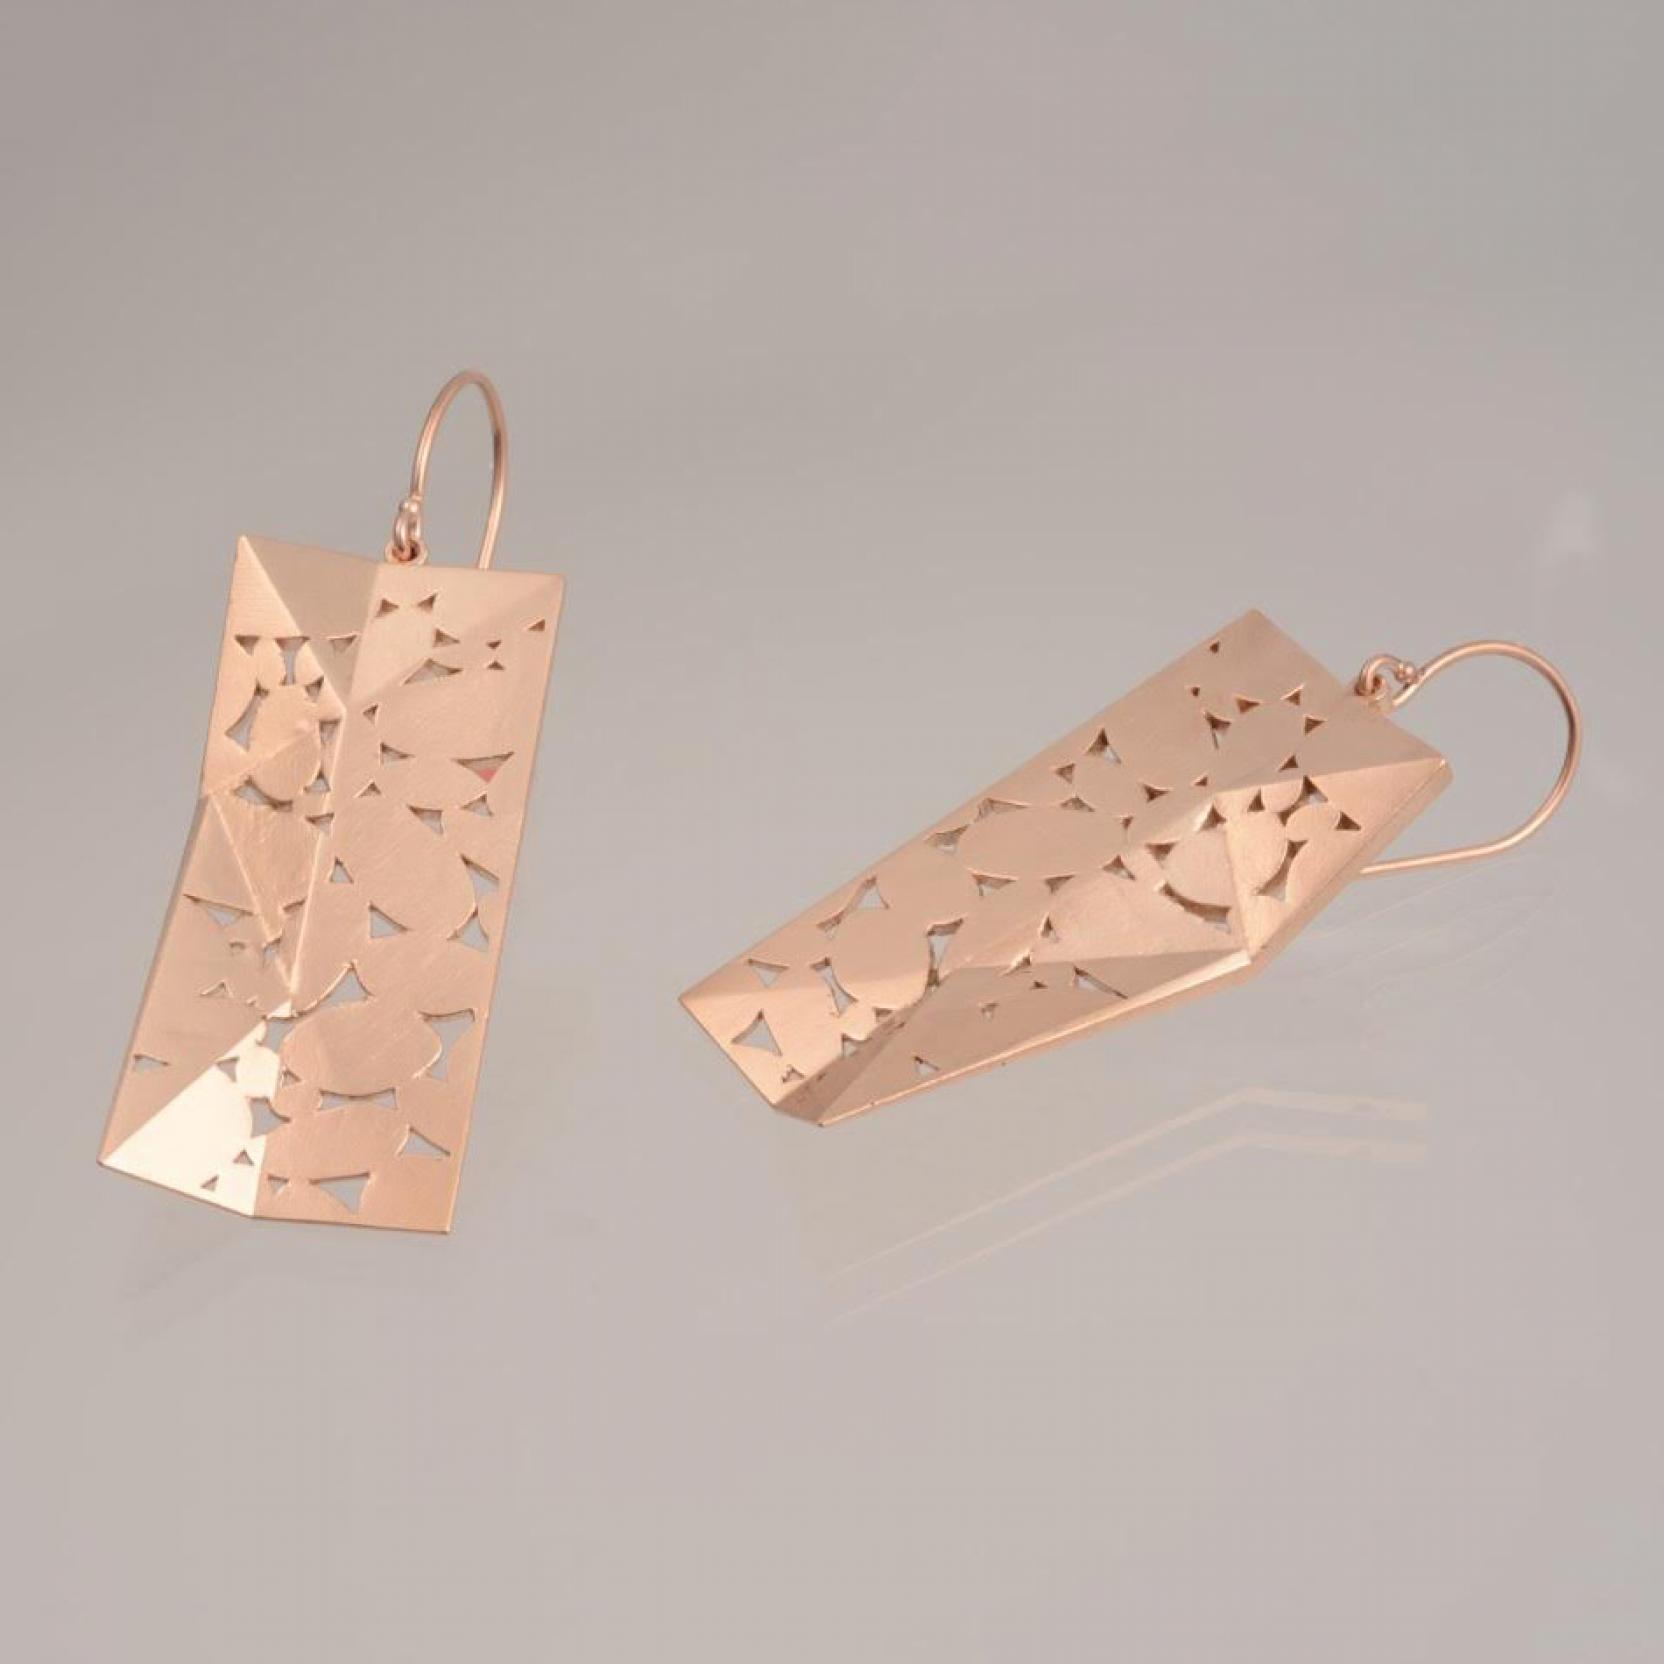 roofline-rose-gold-earrings-extraordinaire-by-atelier-n